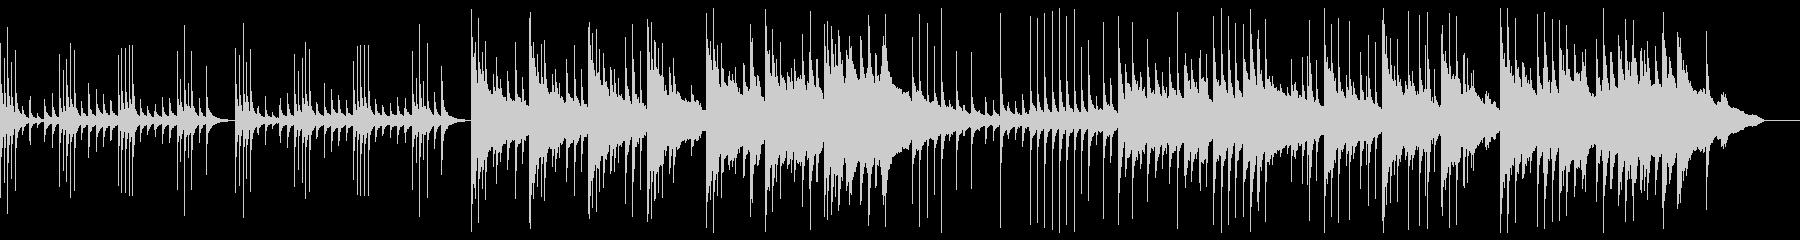 オルゴール中心の悲しいBGMの未再生の波形